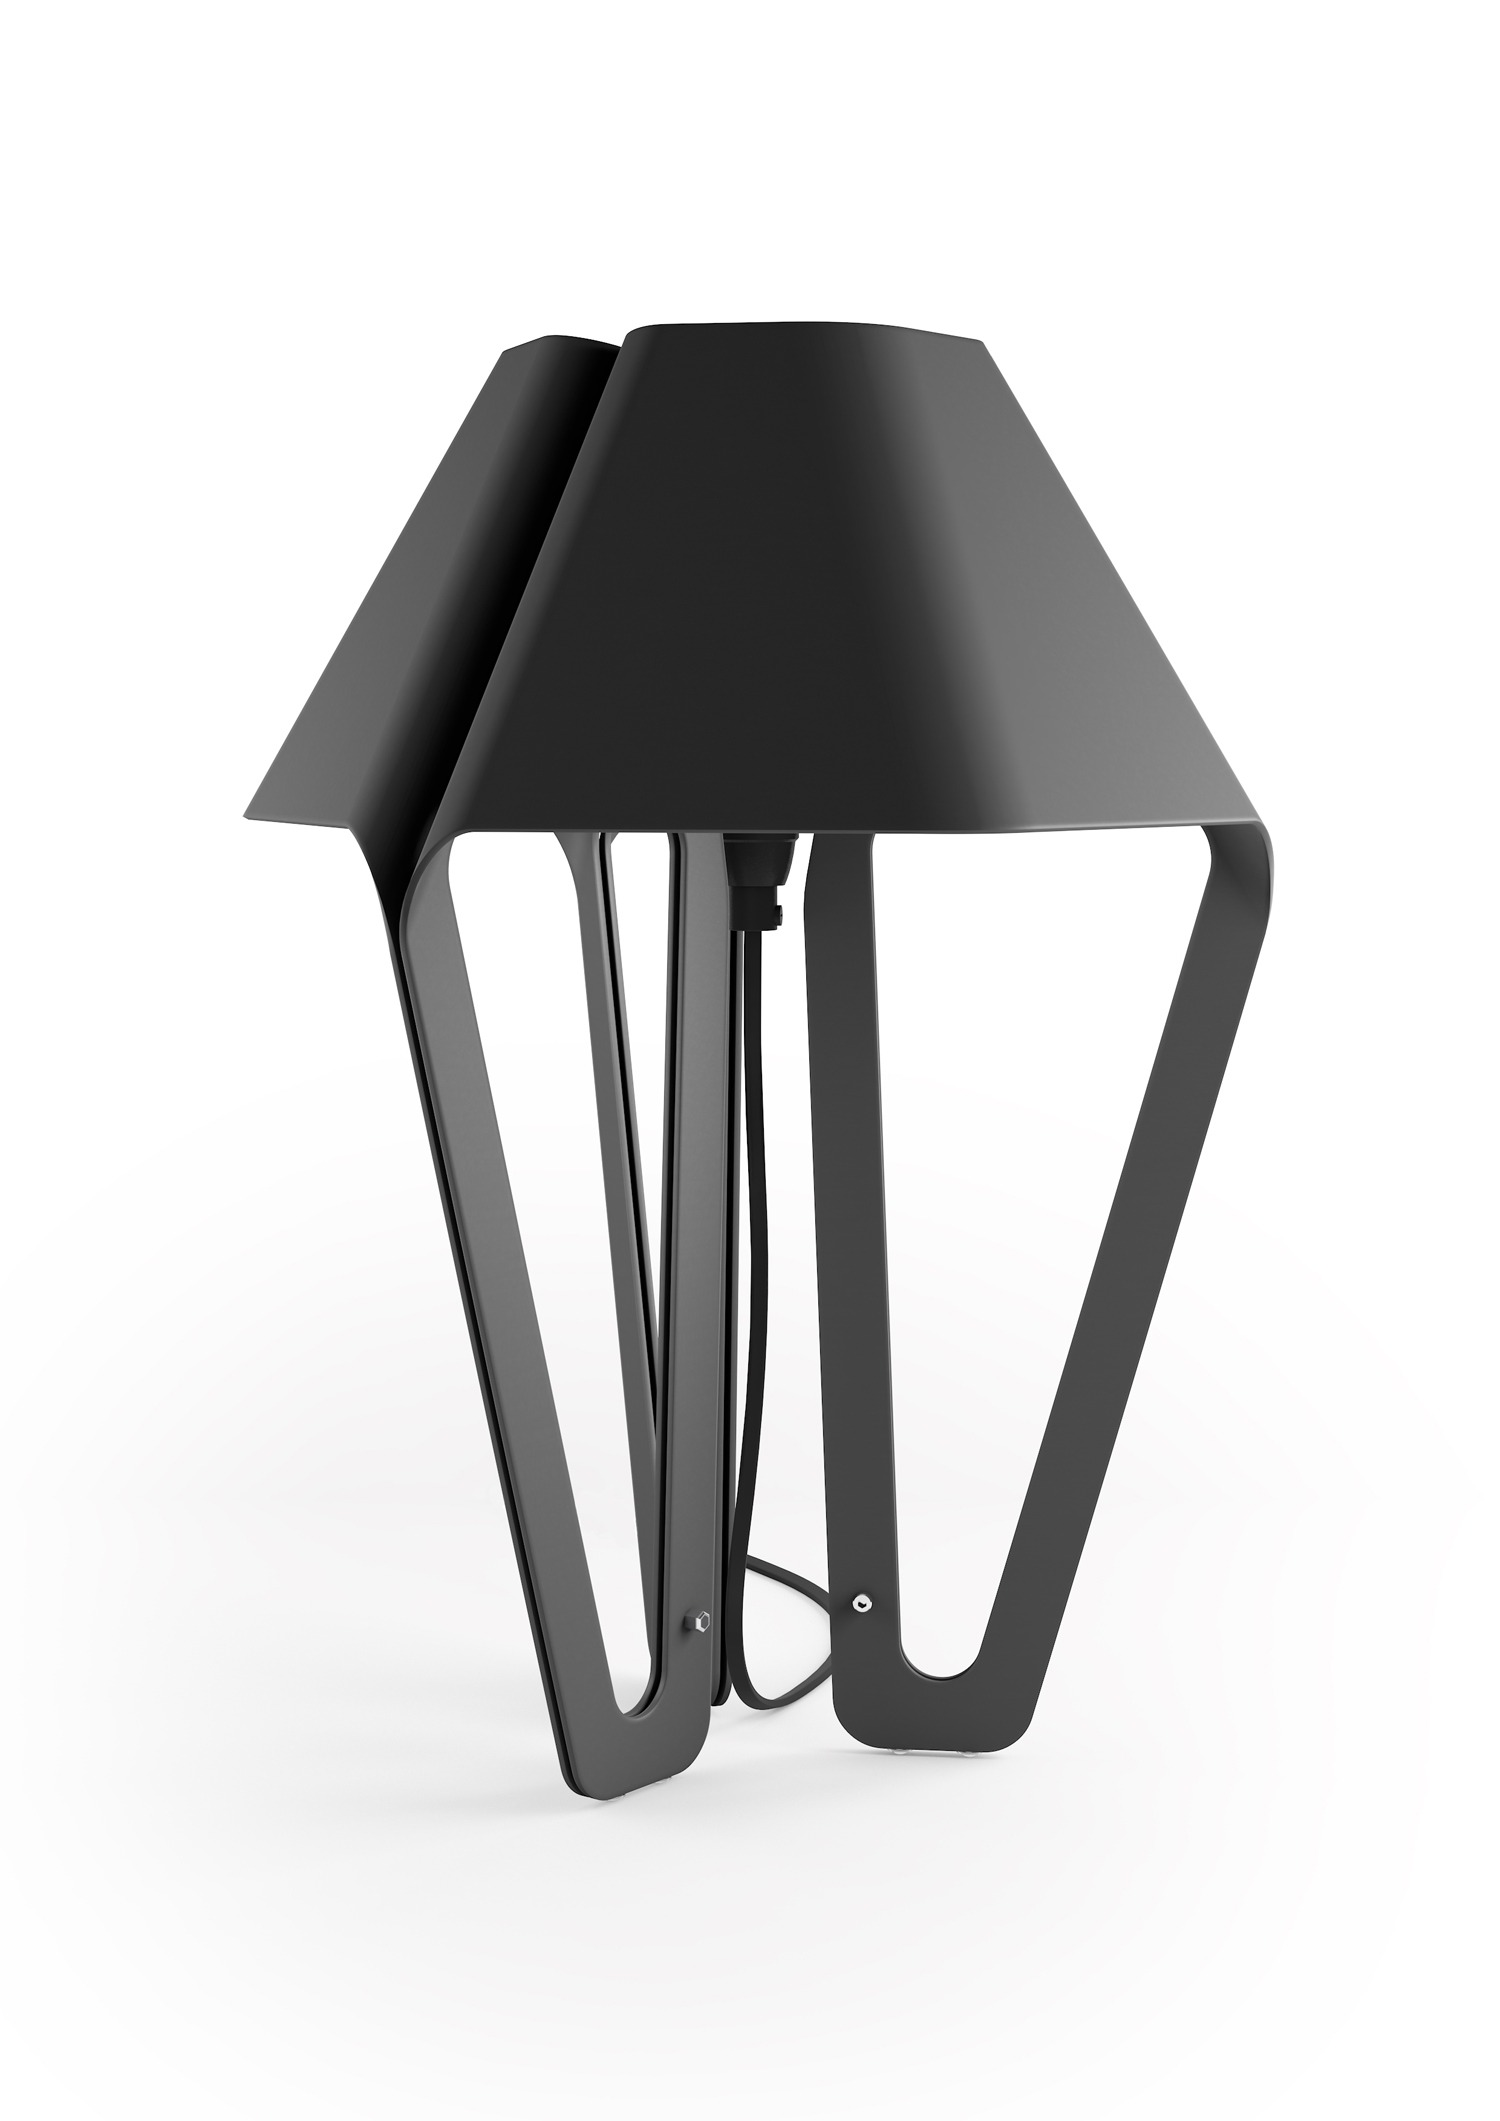 Bas Vellekoop – Hexa High – midnight black – 02 – 1500px